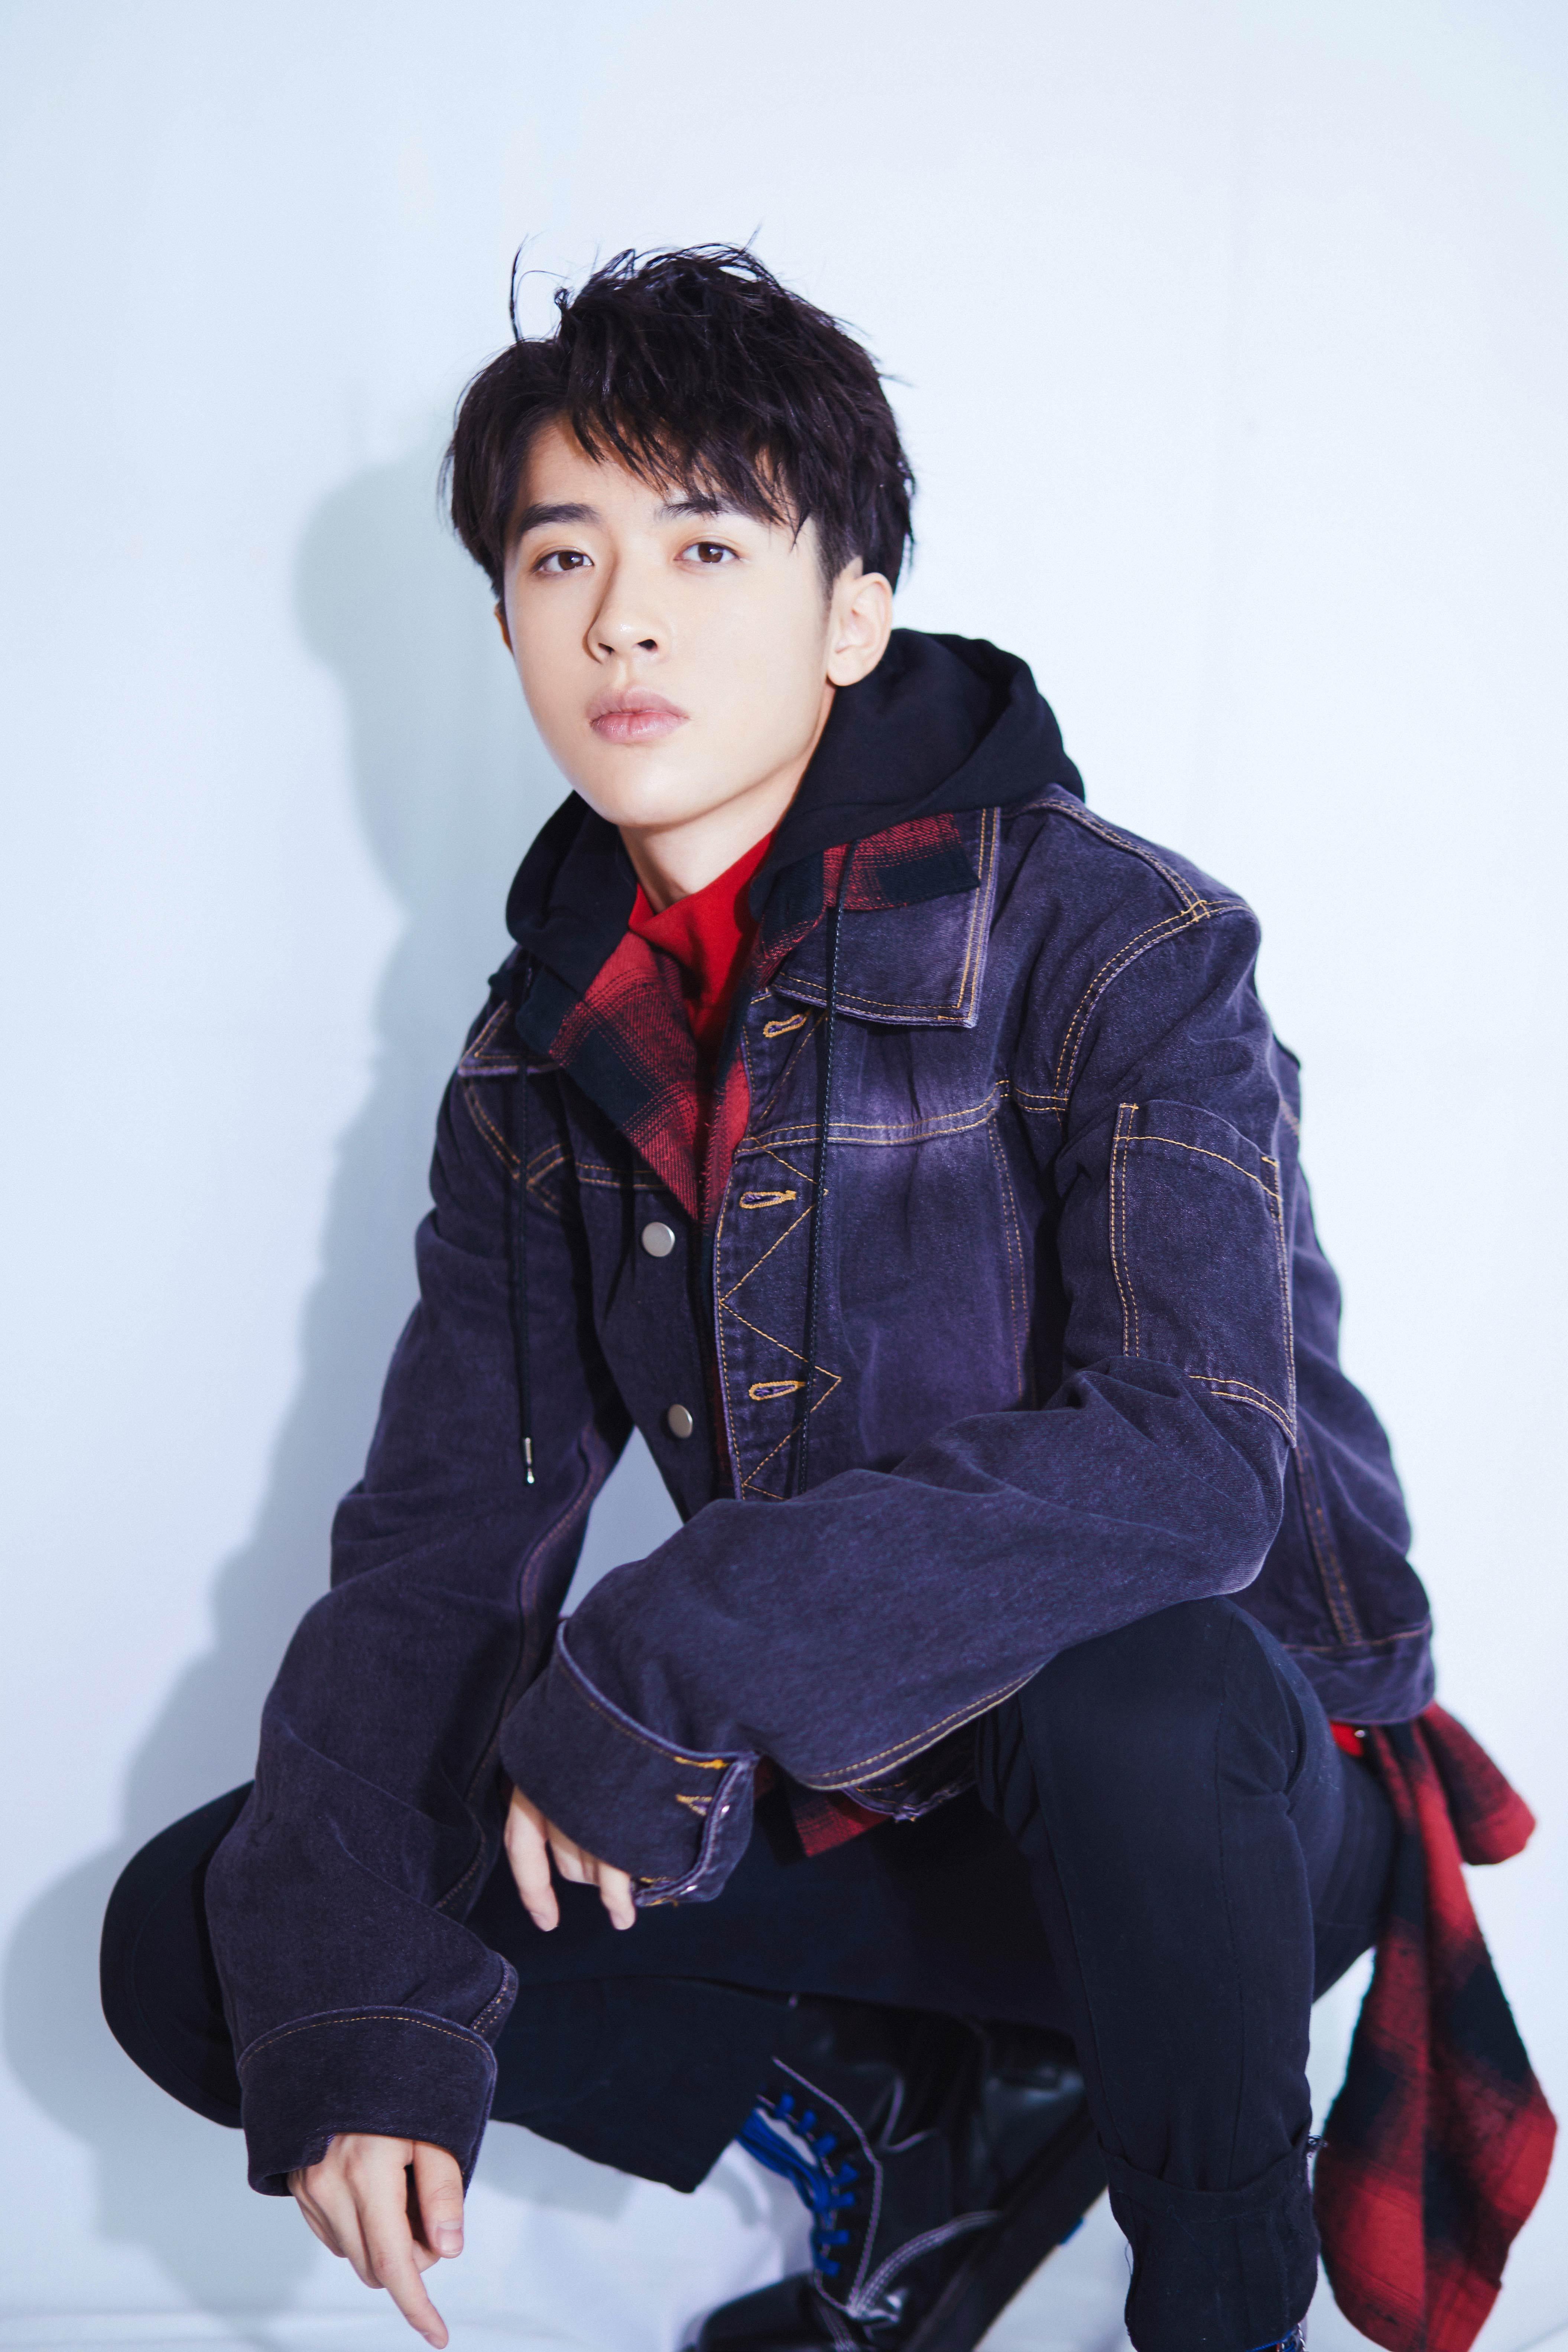 张逸杰《火王》发布会超有梗 明朗少年实力出演三世情缘